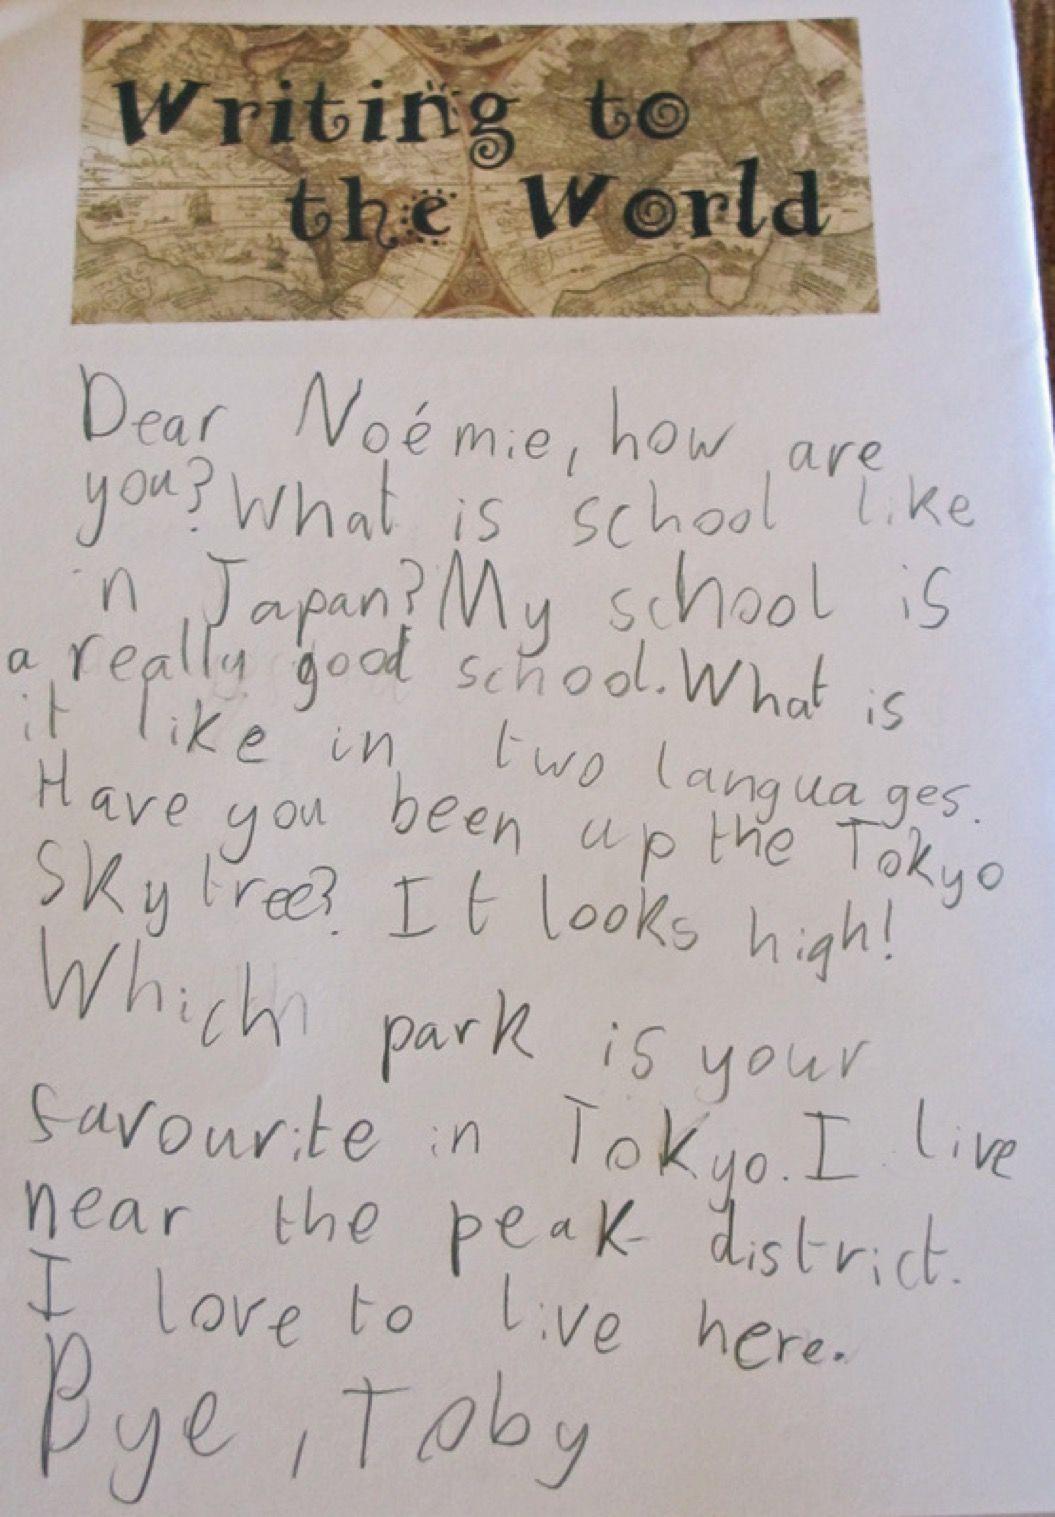 その数800通以上!世界すべての国に手紙を書いた8歳の少年